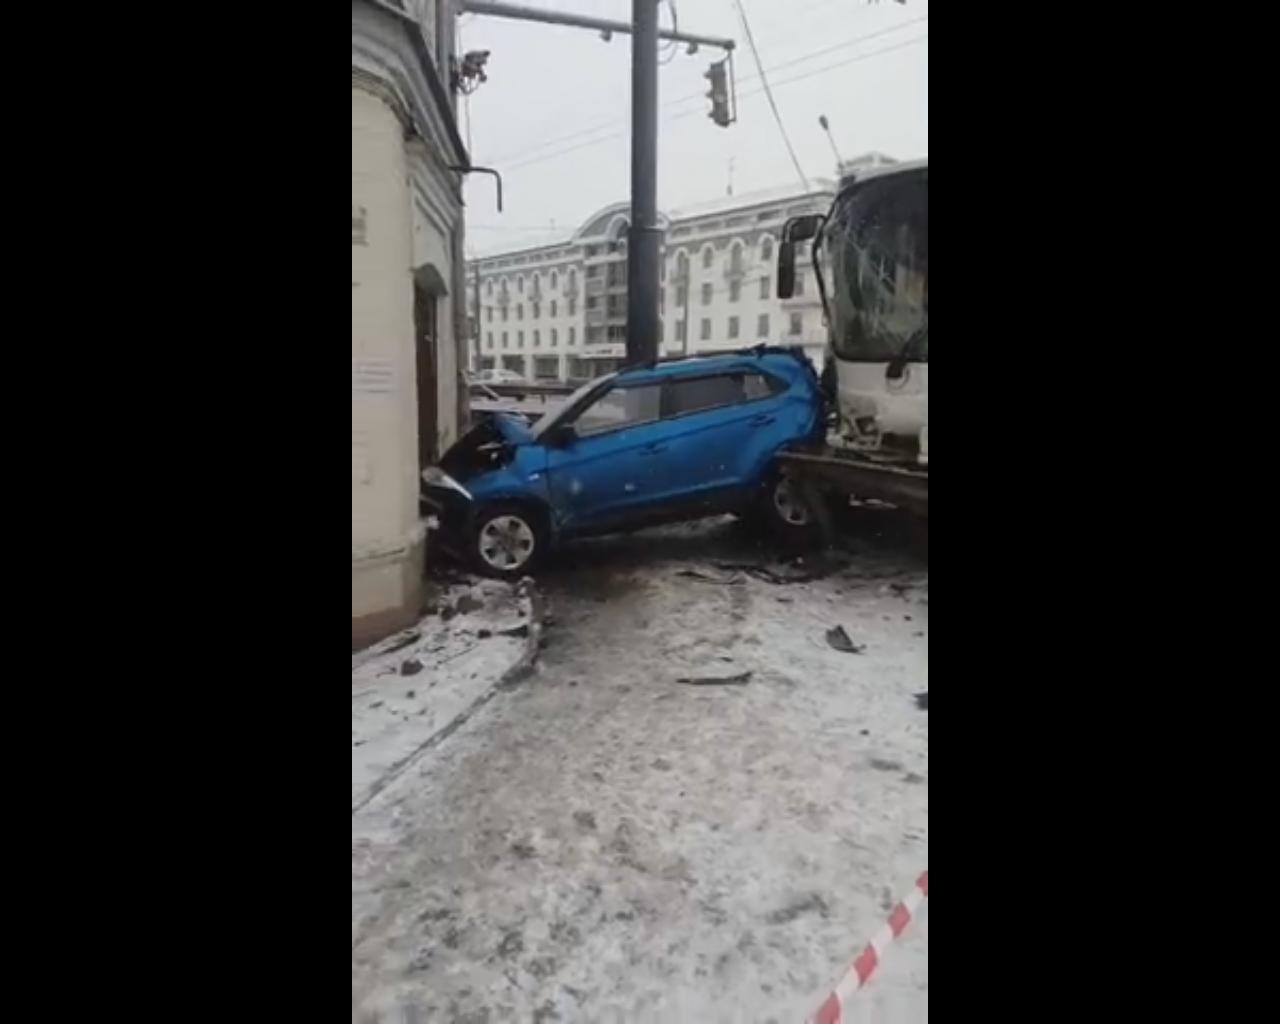 Решается вопрос о возбуждении уголовного дела по факту смертельного ДТП на Московском проспекте